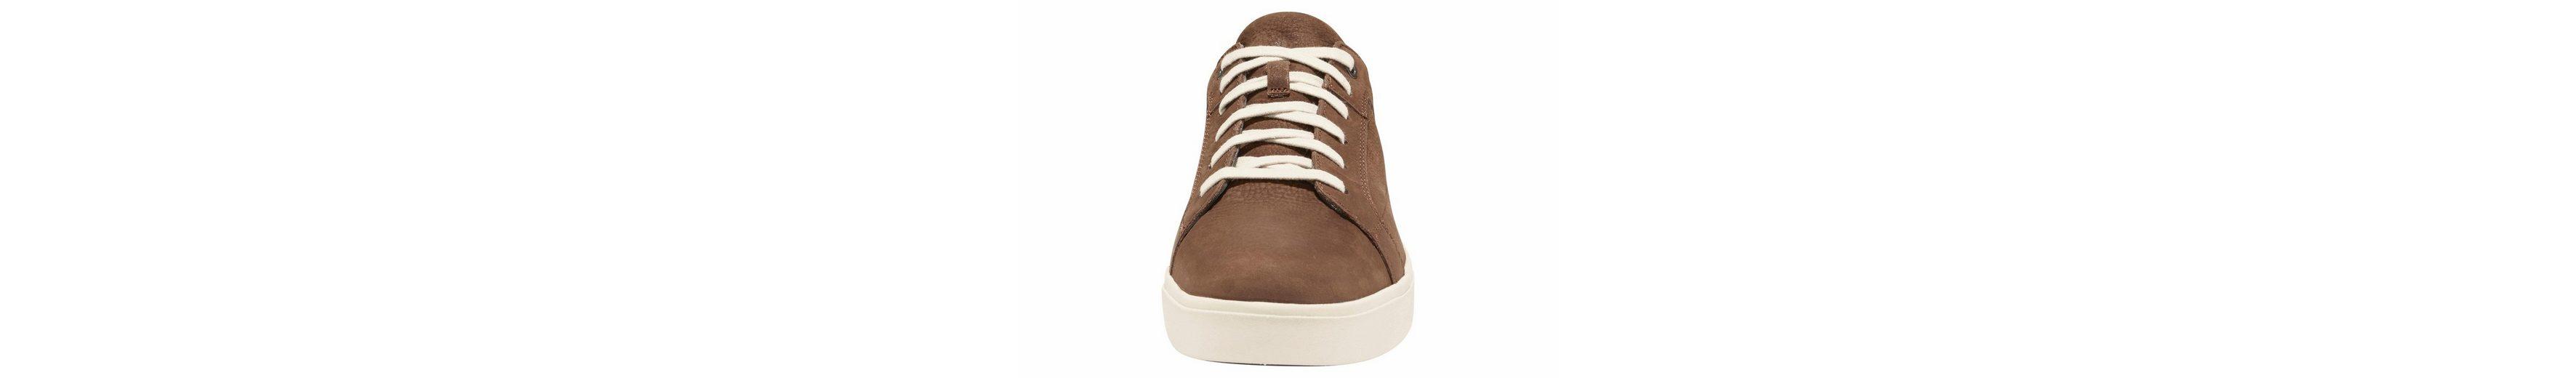 Timberland Amherst Oxford Sneaker Spielraum Geniue Händler Spielraum Viele Arten Von Freies Verschiffen Günstiger Preis Fälscht uGMsf6